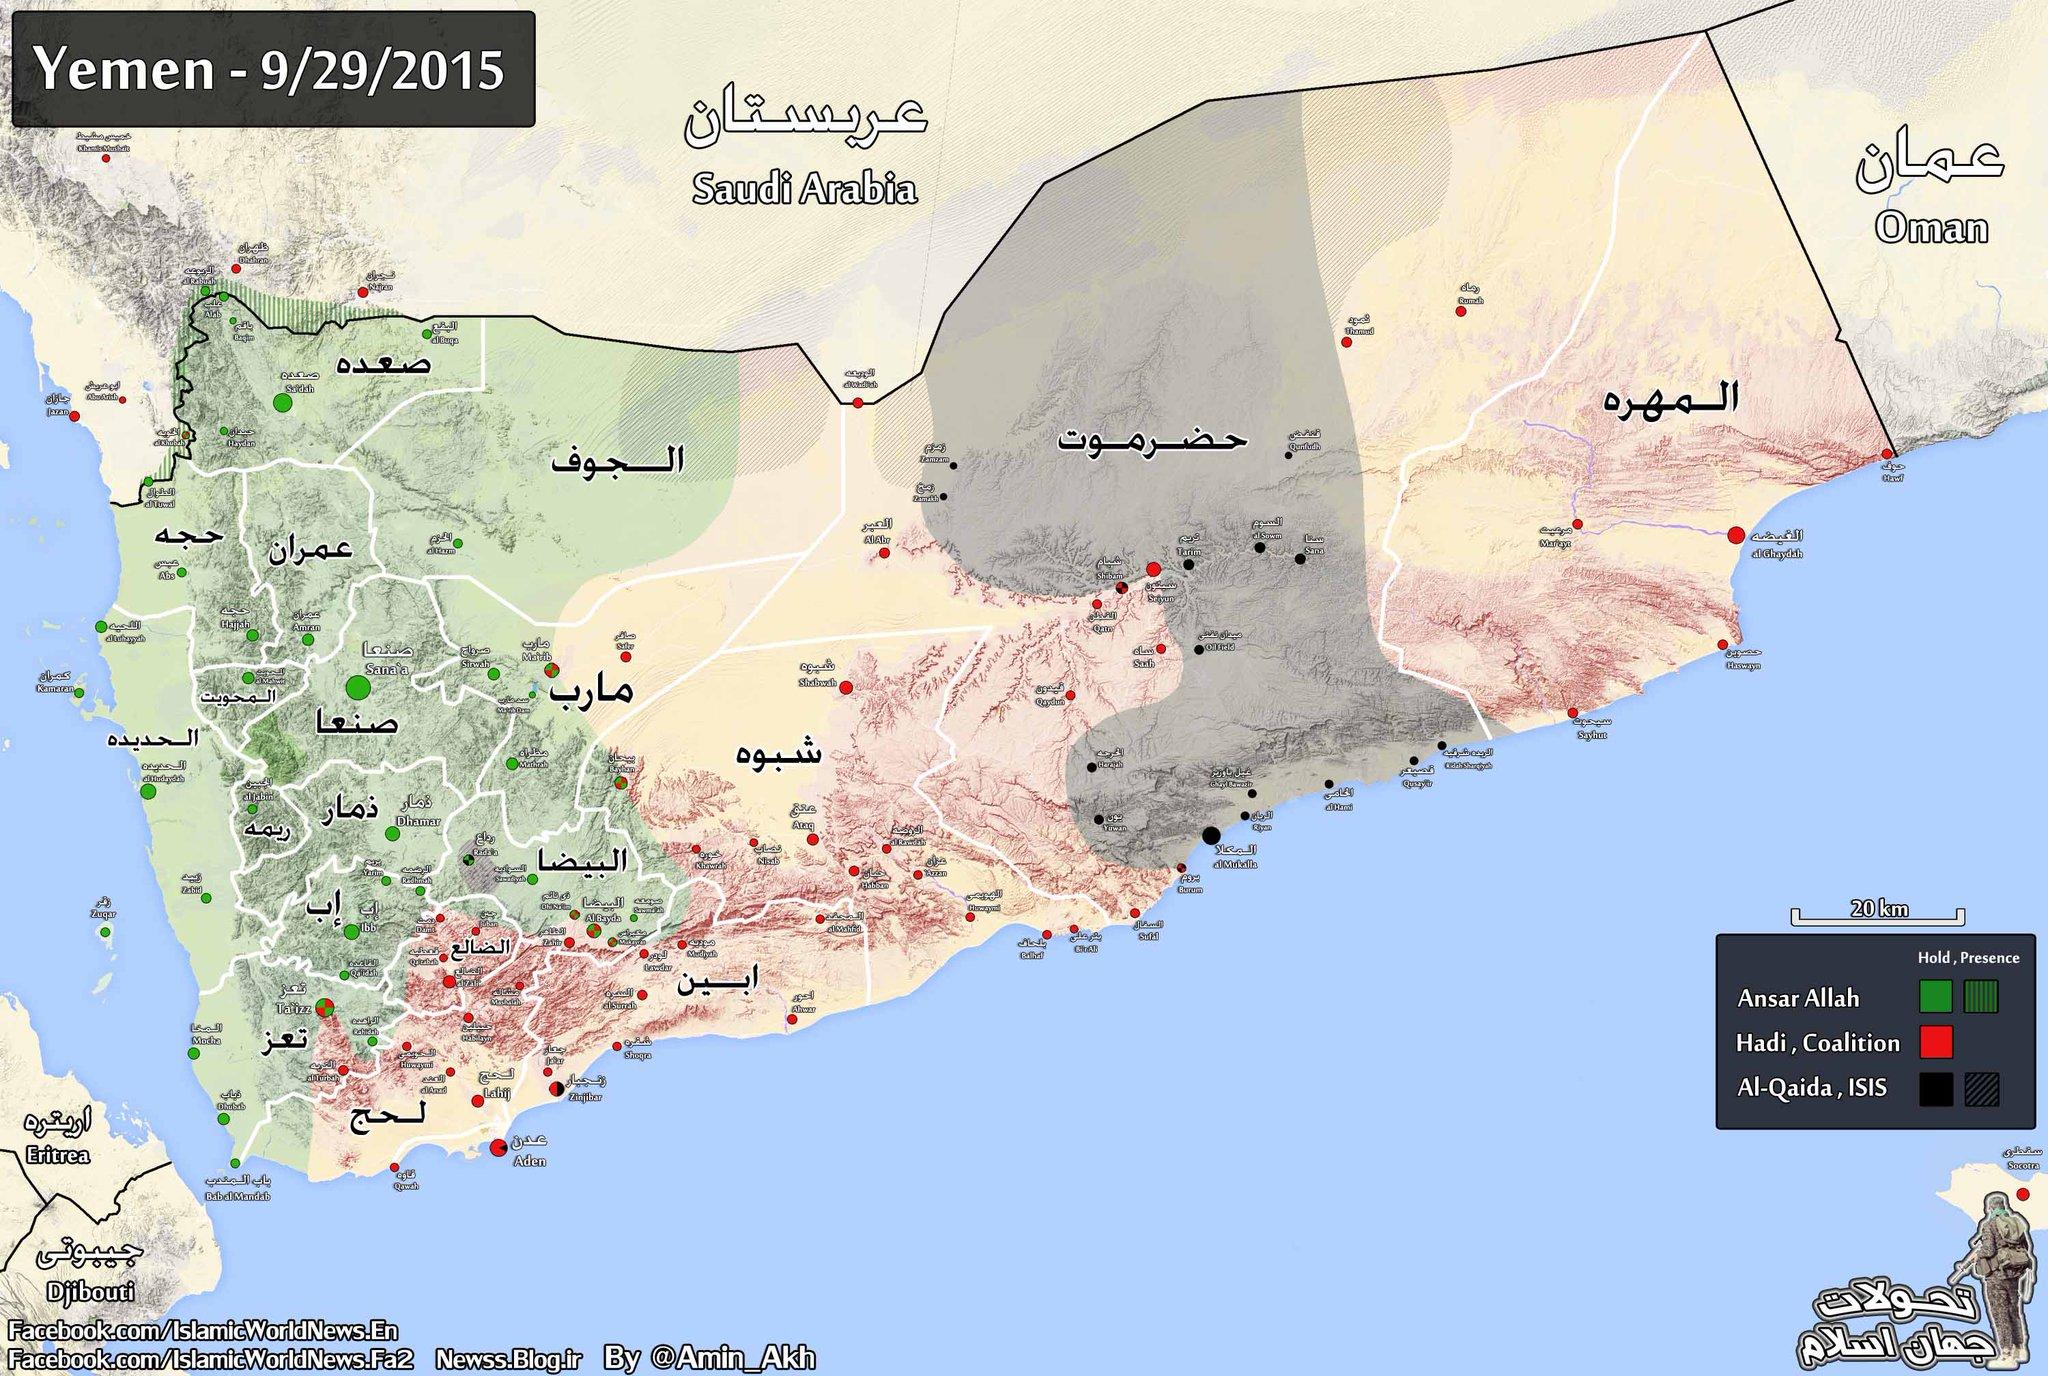 متابعة مستجدات الساحة اليمنية CQFzKrlVEAA3YVh